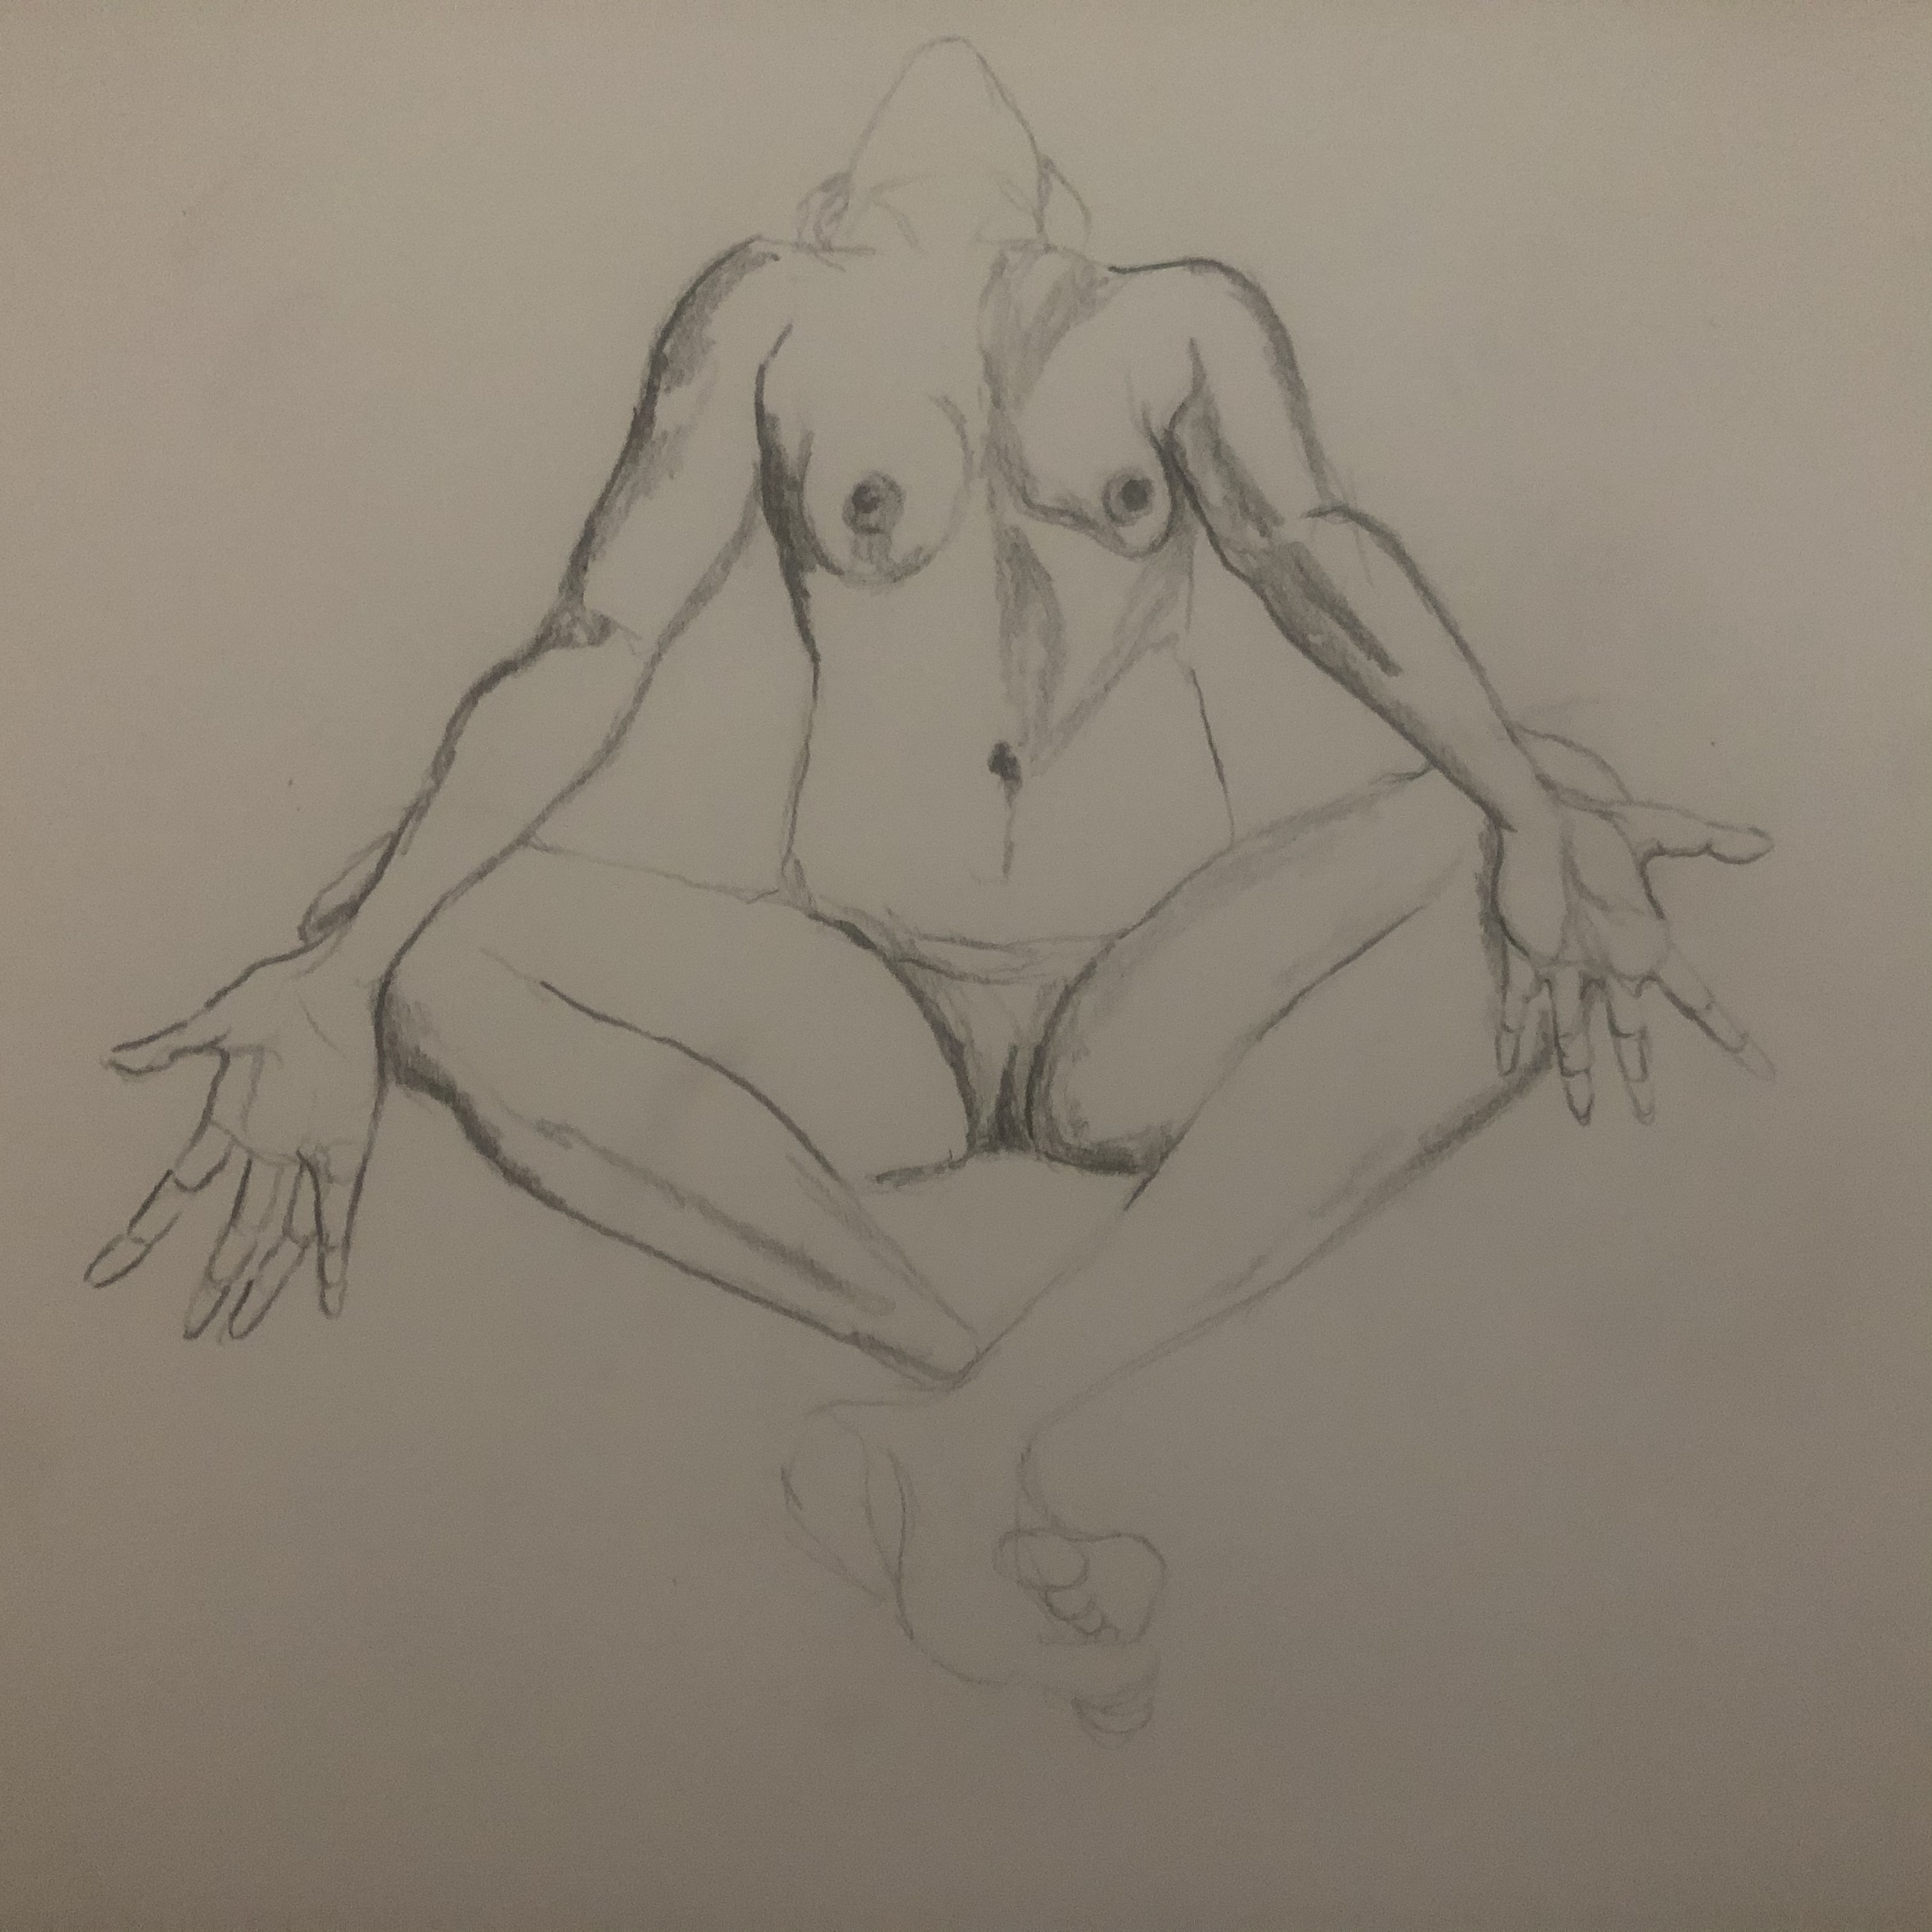 Dessin face mod�le vivant en raccourci au crayon papier  cours de dessin